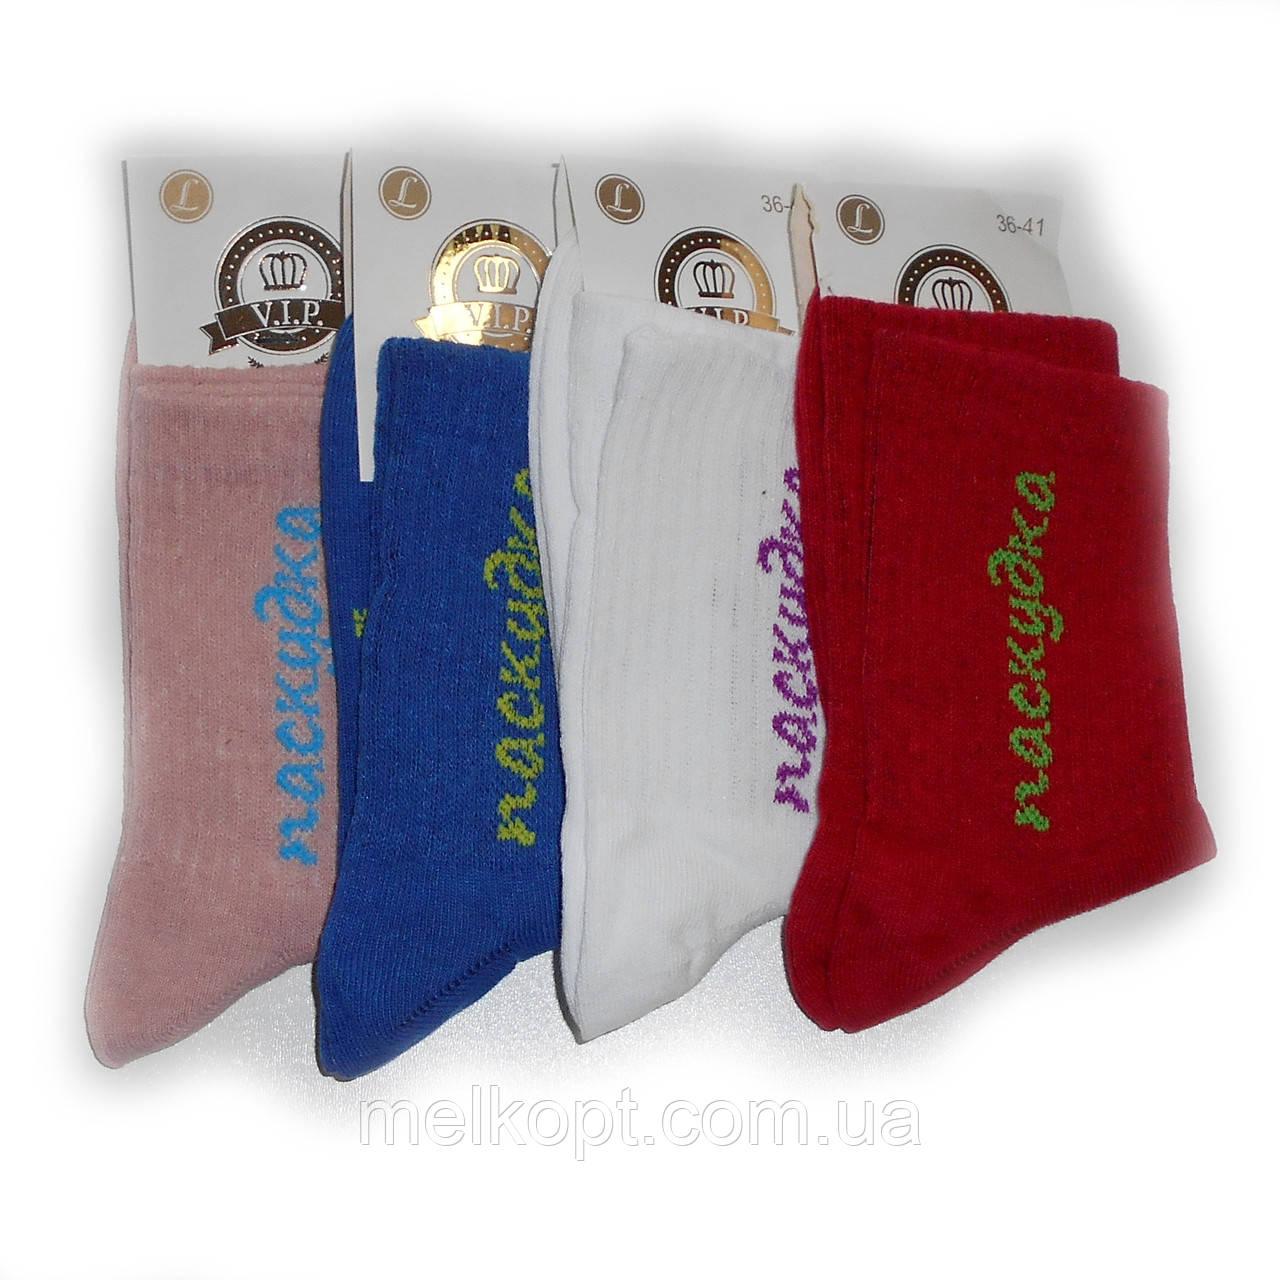 Женские носки с приколами Elegance - 10,50 грн./пара (высокие, паскудка)